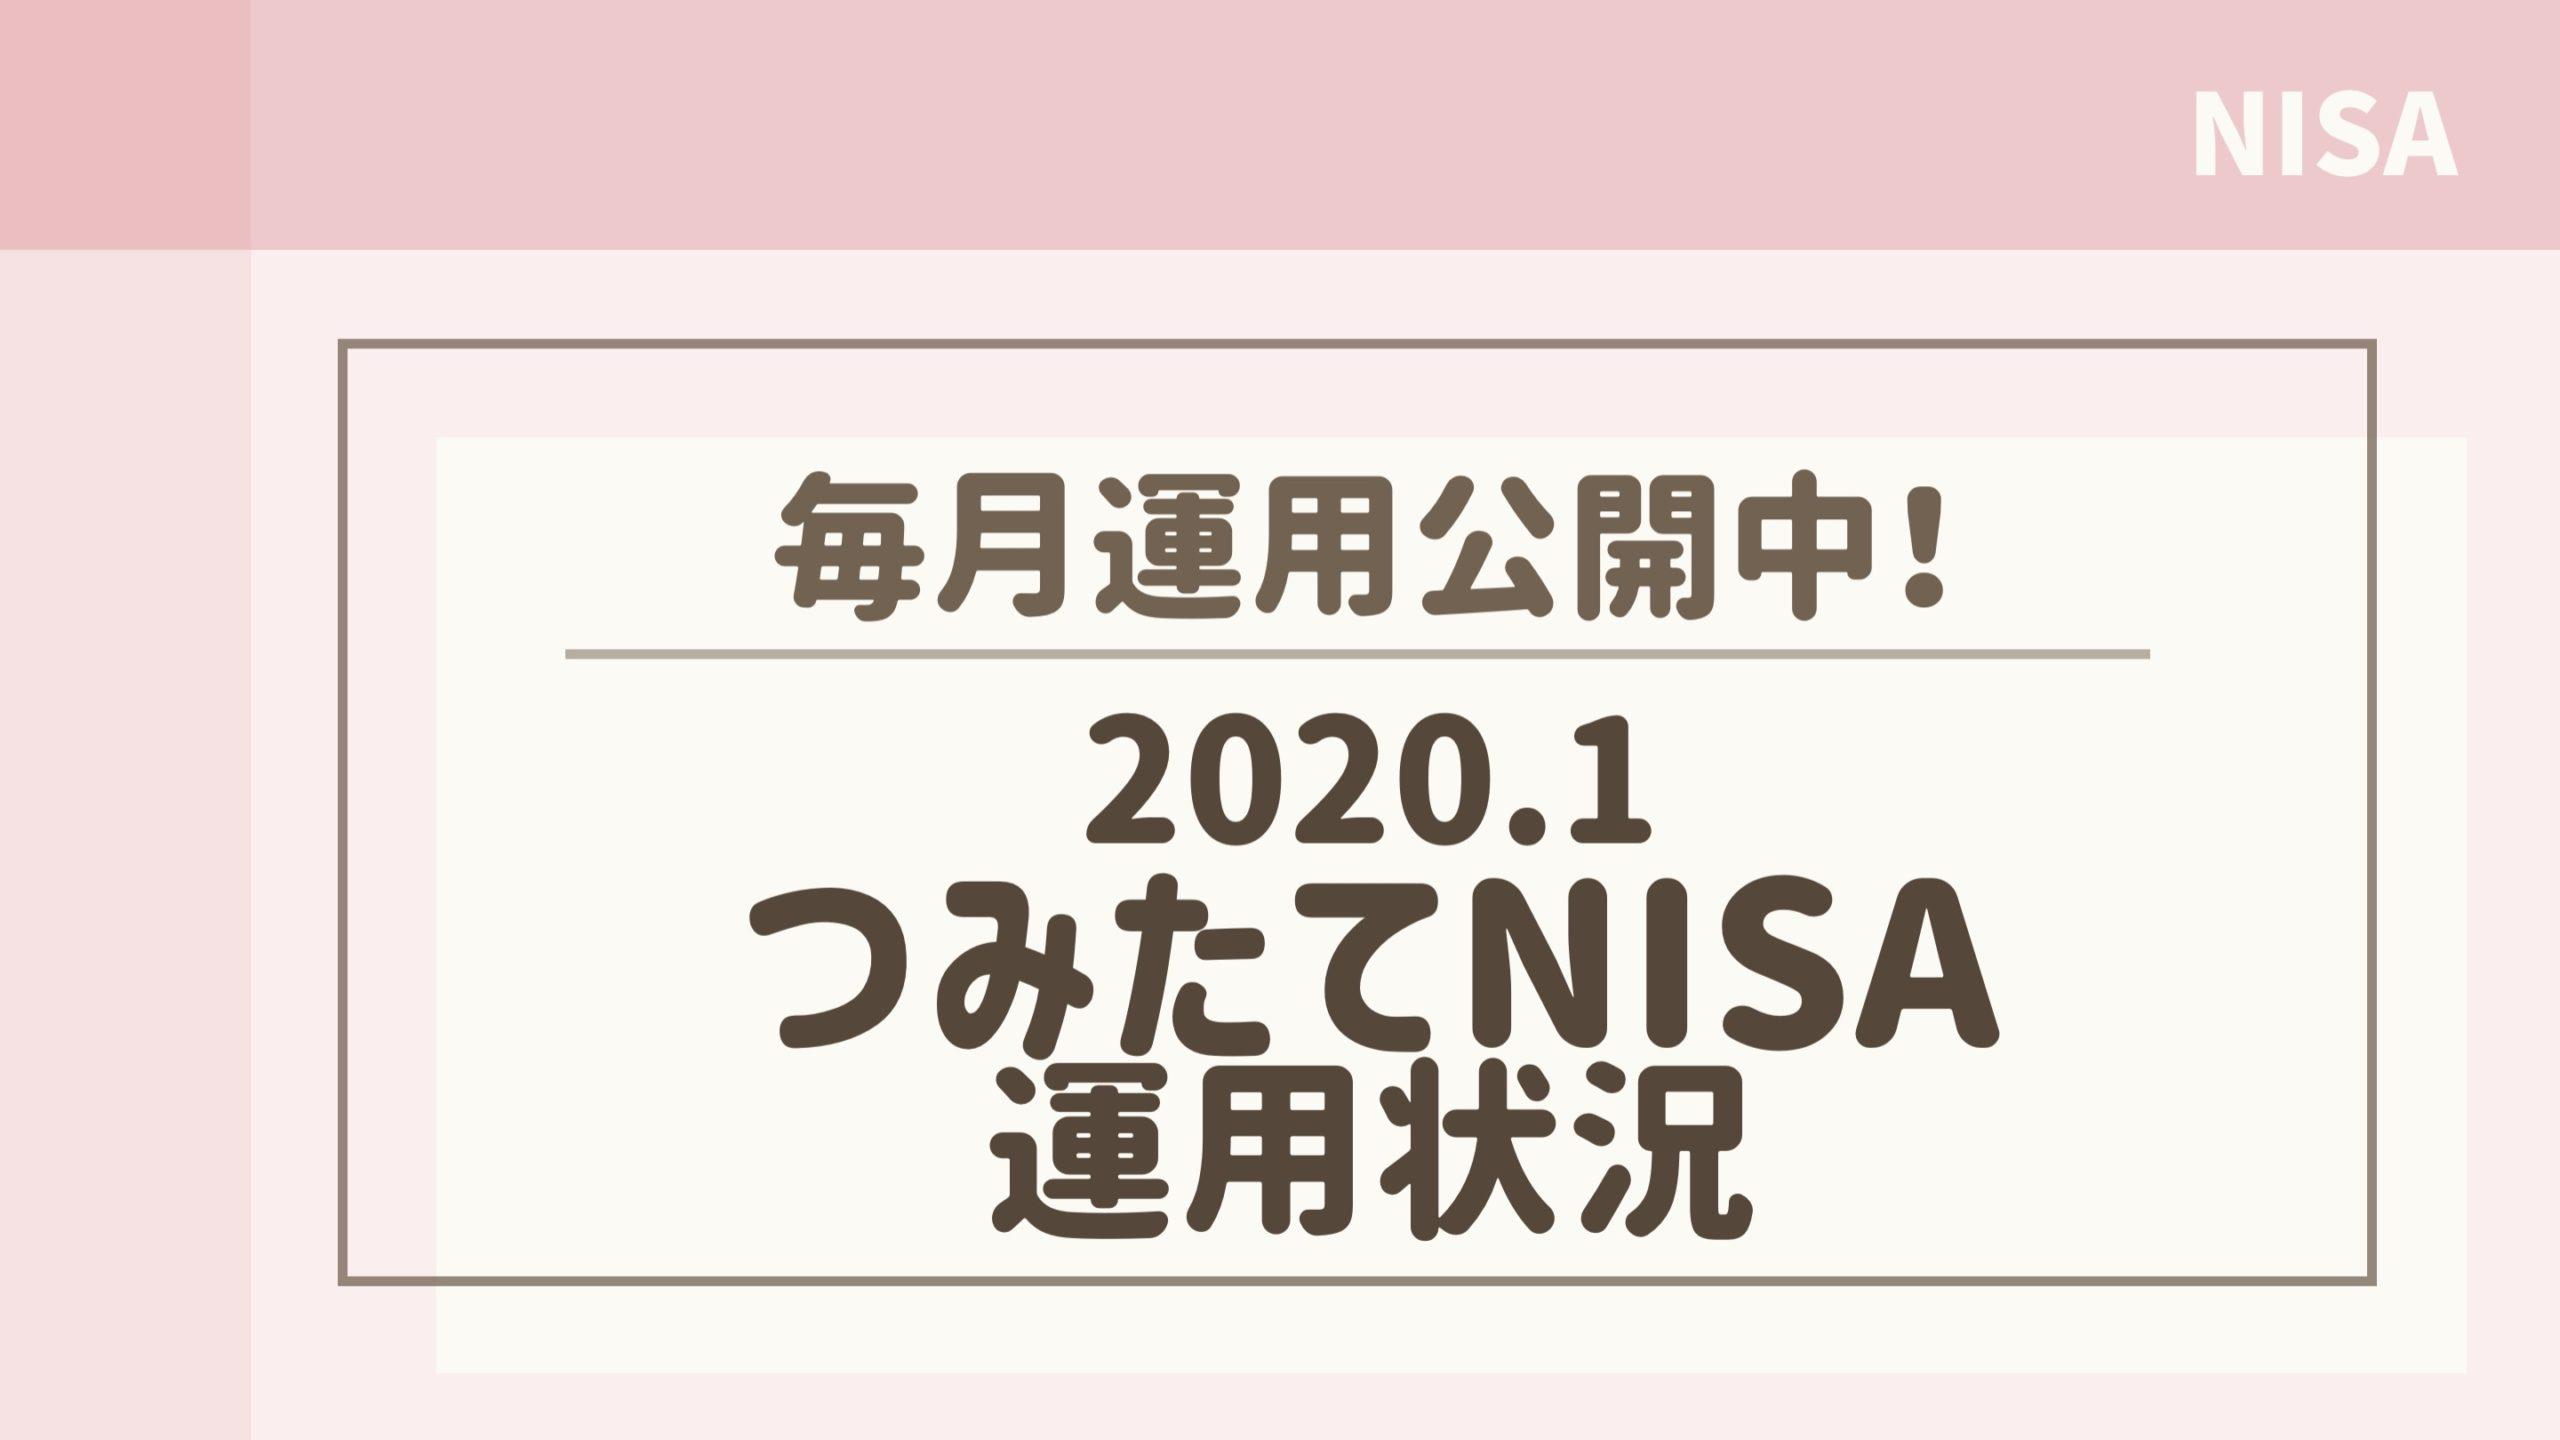 つみたてNISA運用状況202001